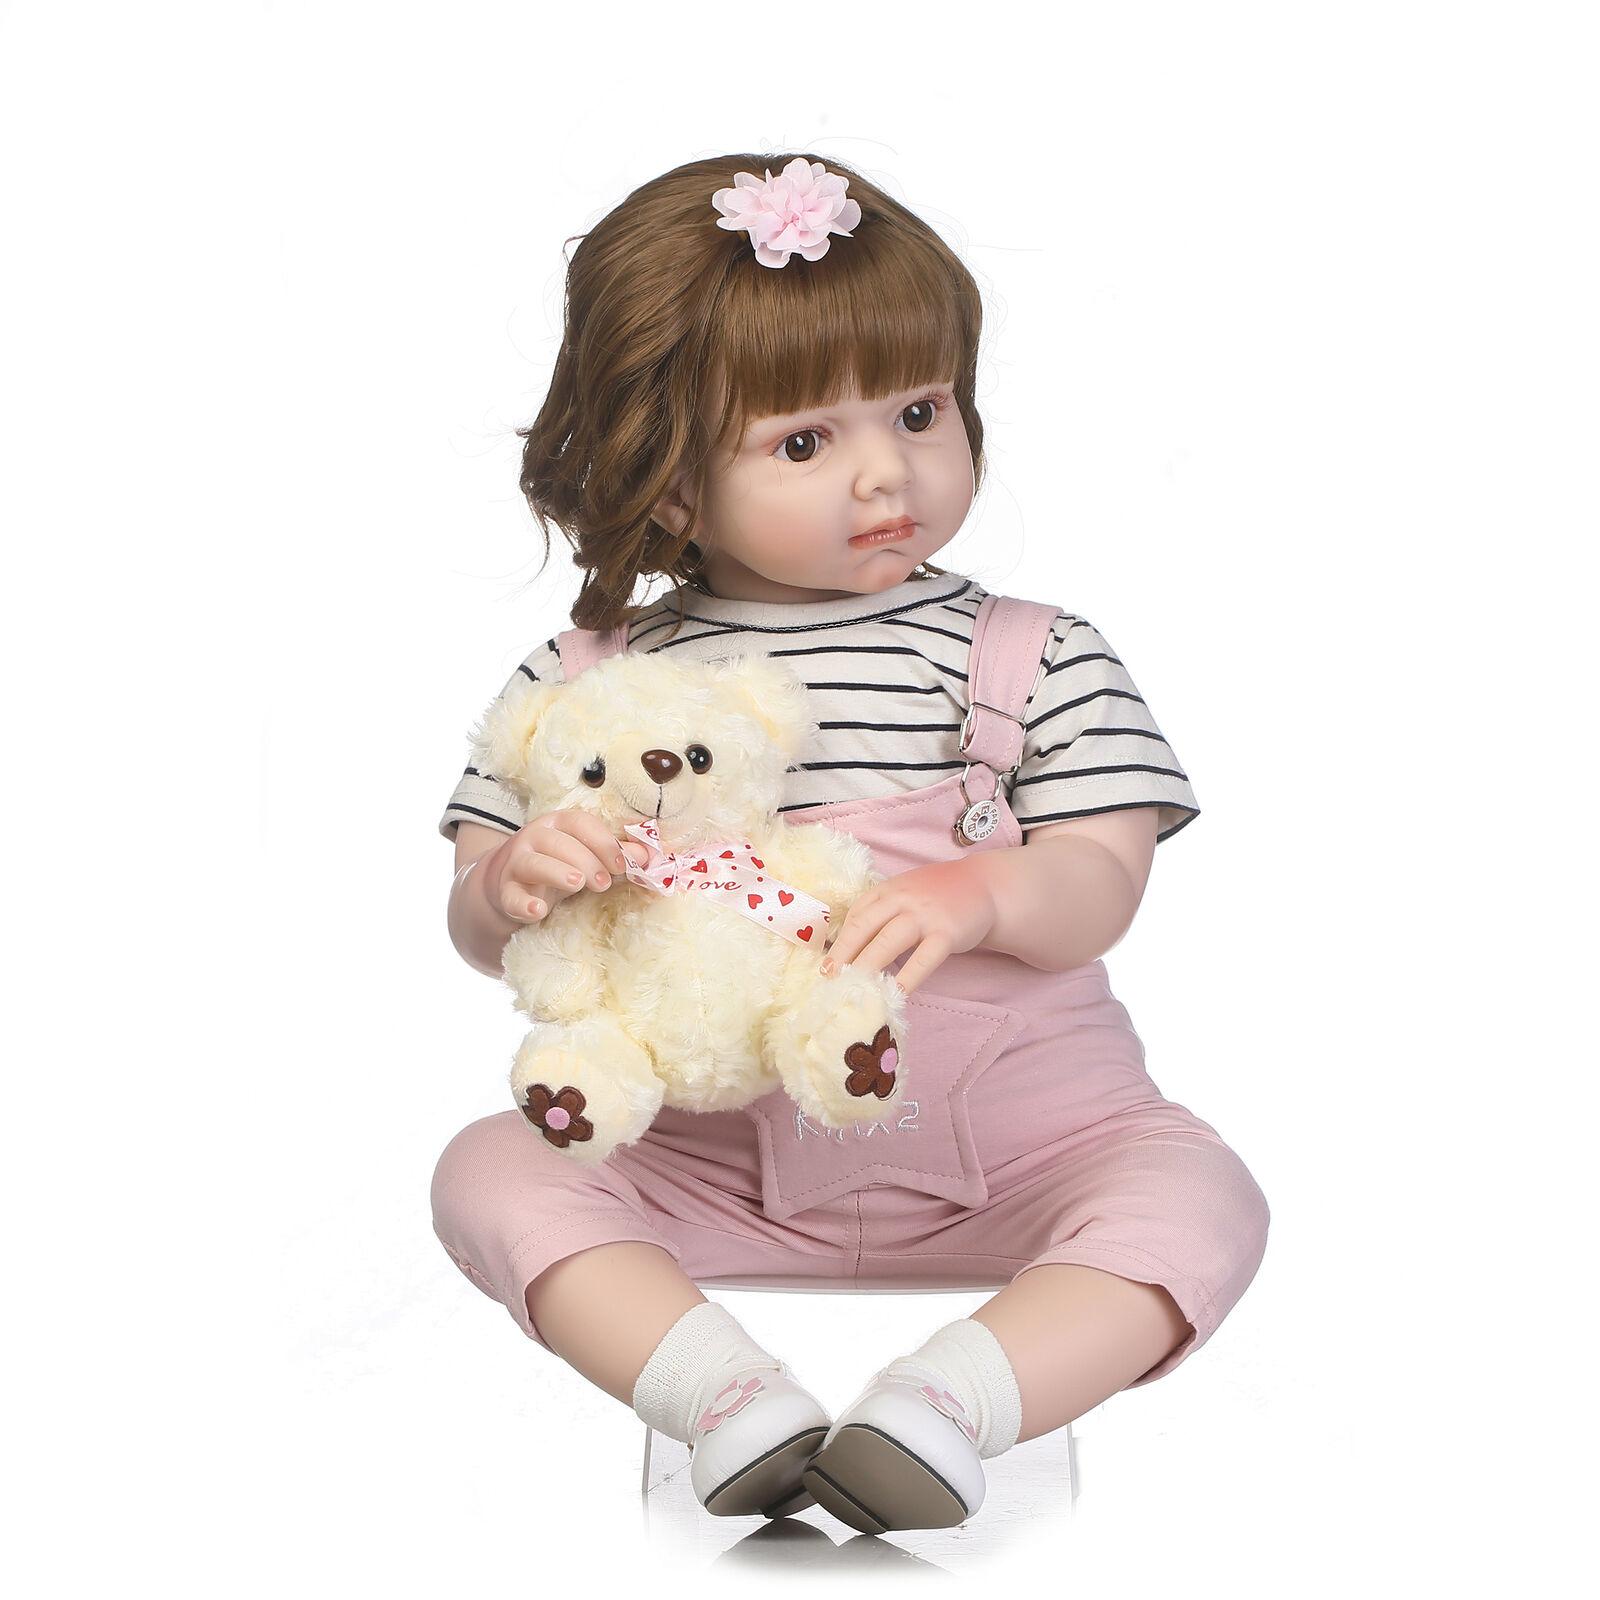 2018 BAMBINO BEBE RINATO bambino Girl bambola Soft  Viny realistici neonato giocattoli regalo 28   qualità di prima classe